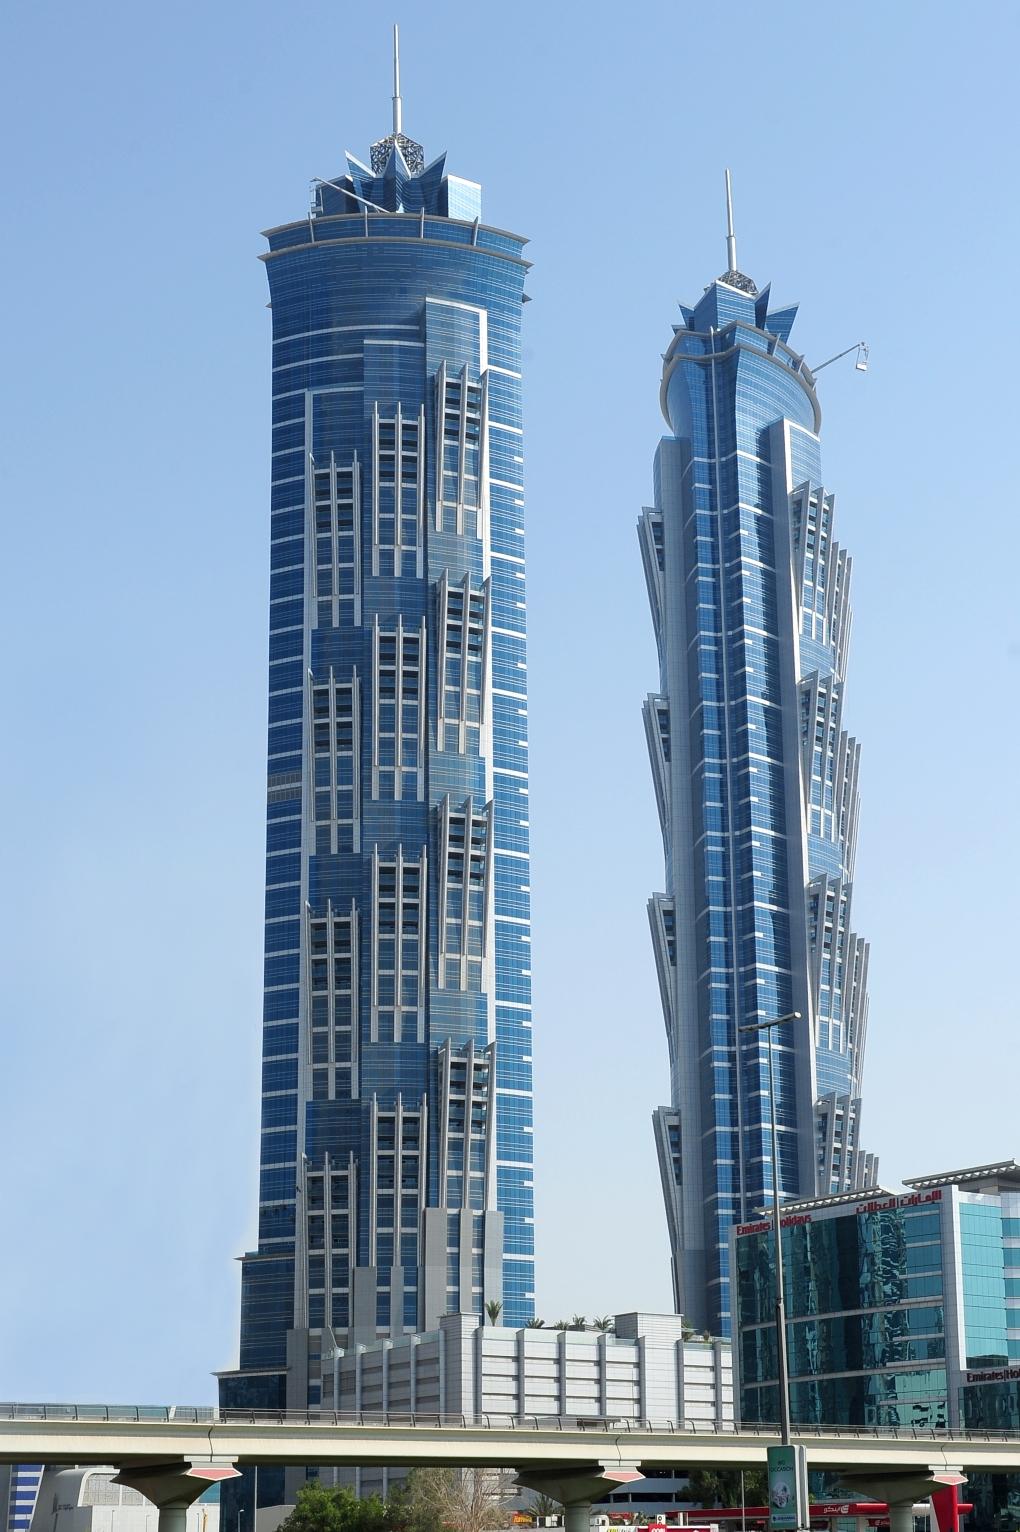 برجي فندق جي دبليو ماريوت ماركيز